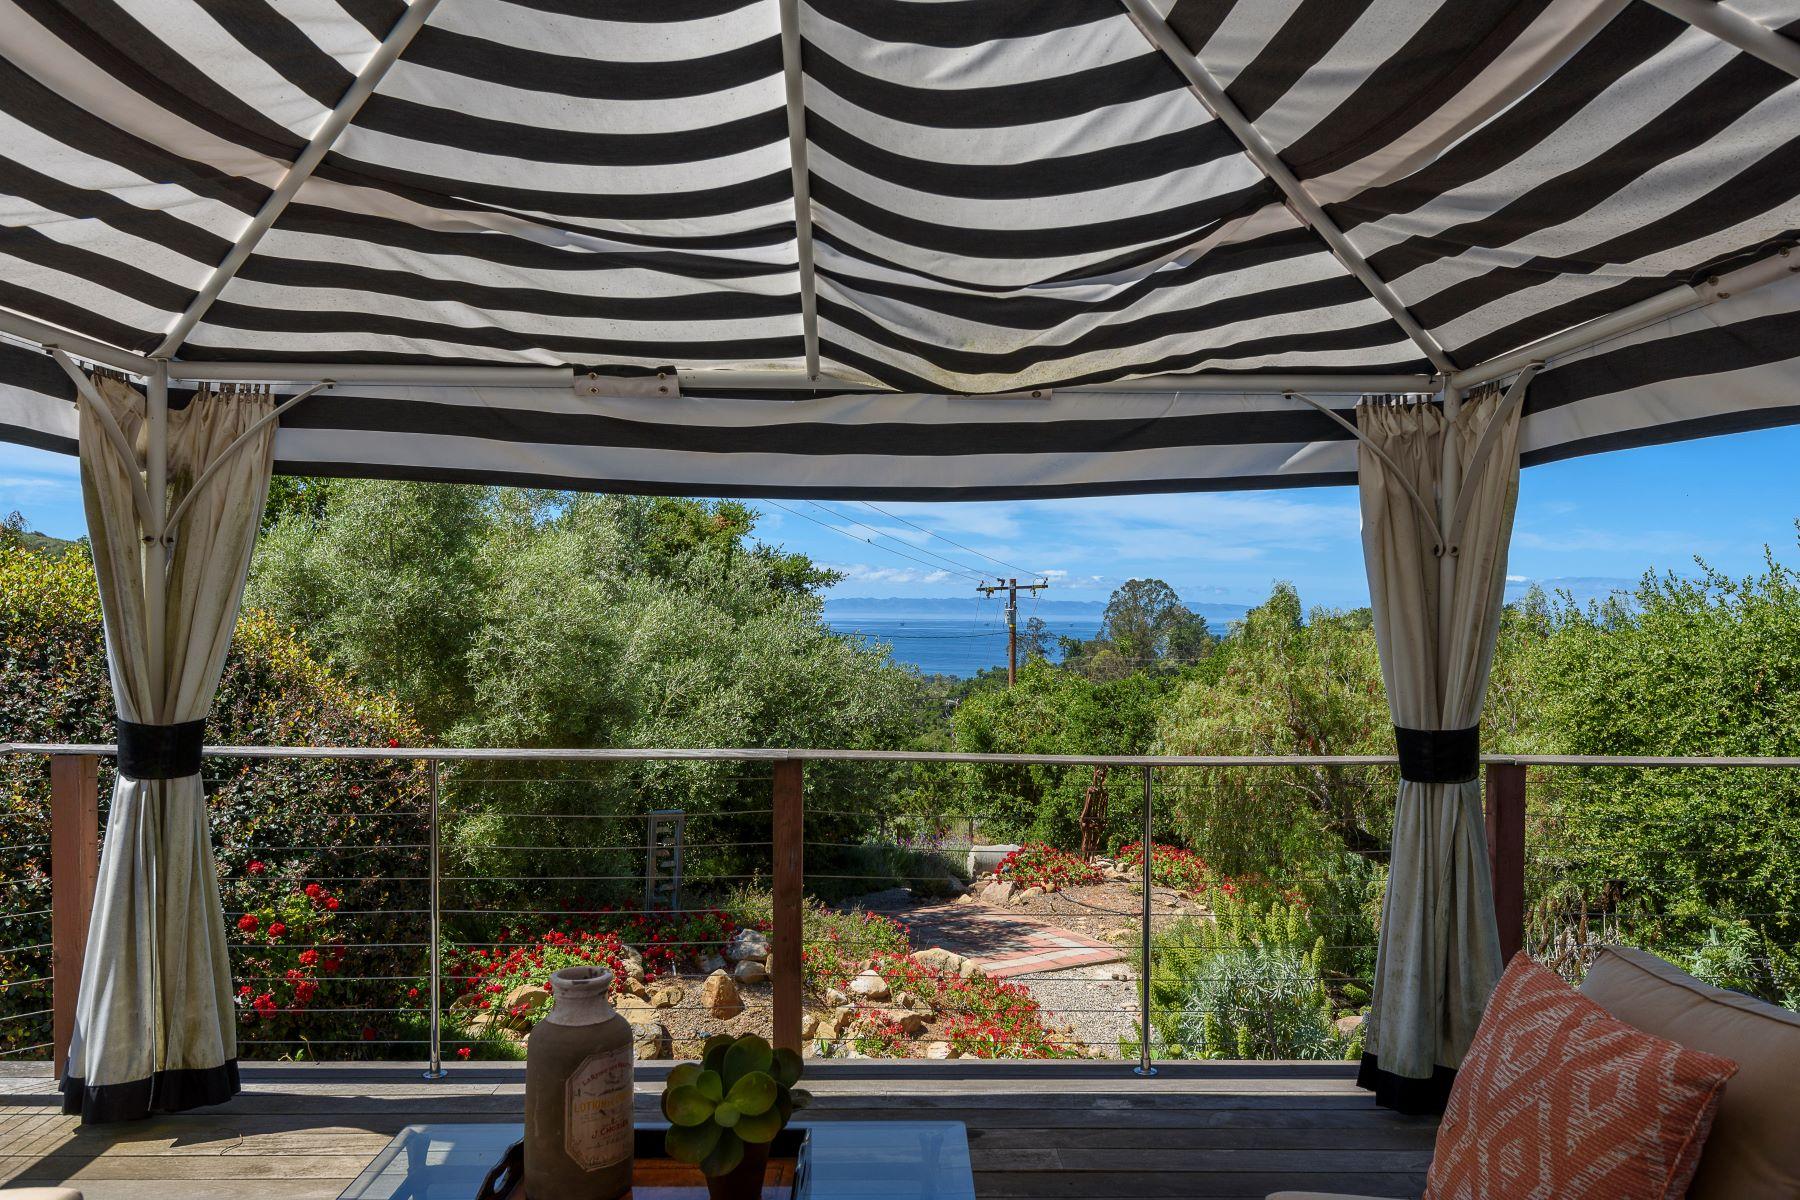 Property for Sale at Contemporary Villa, Stunning Ocean Views 685 Toro Canyon Road Santa Barbara, California 93108 United States